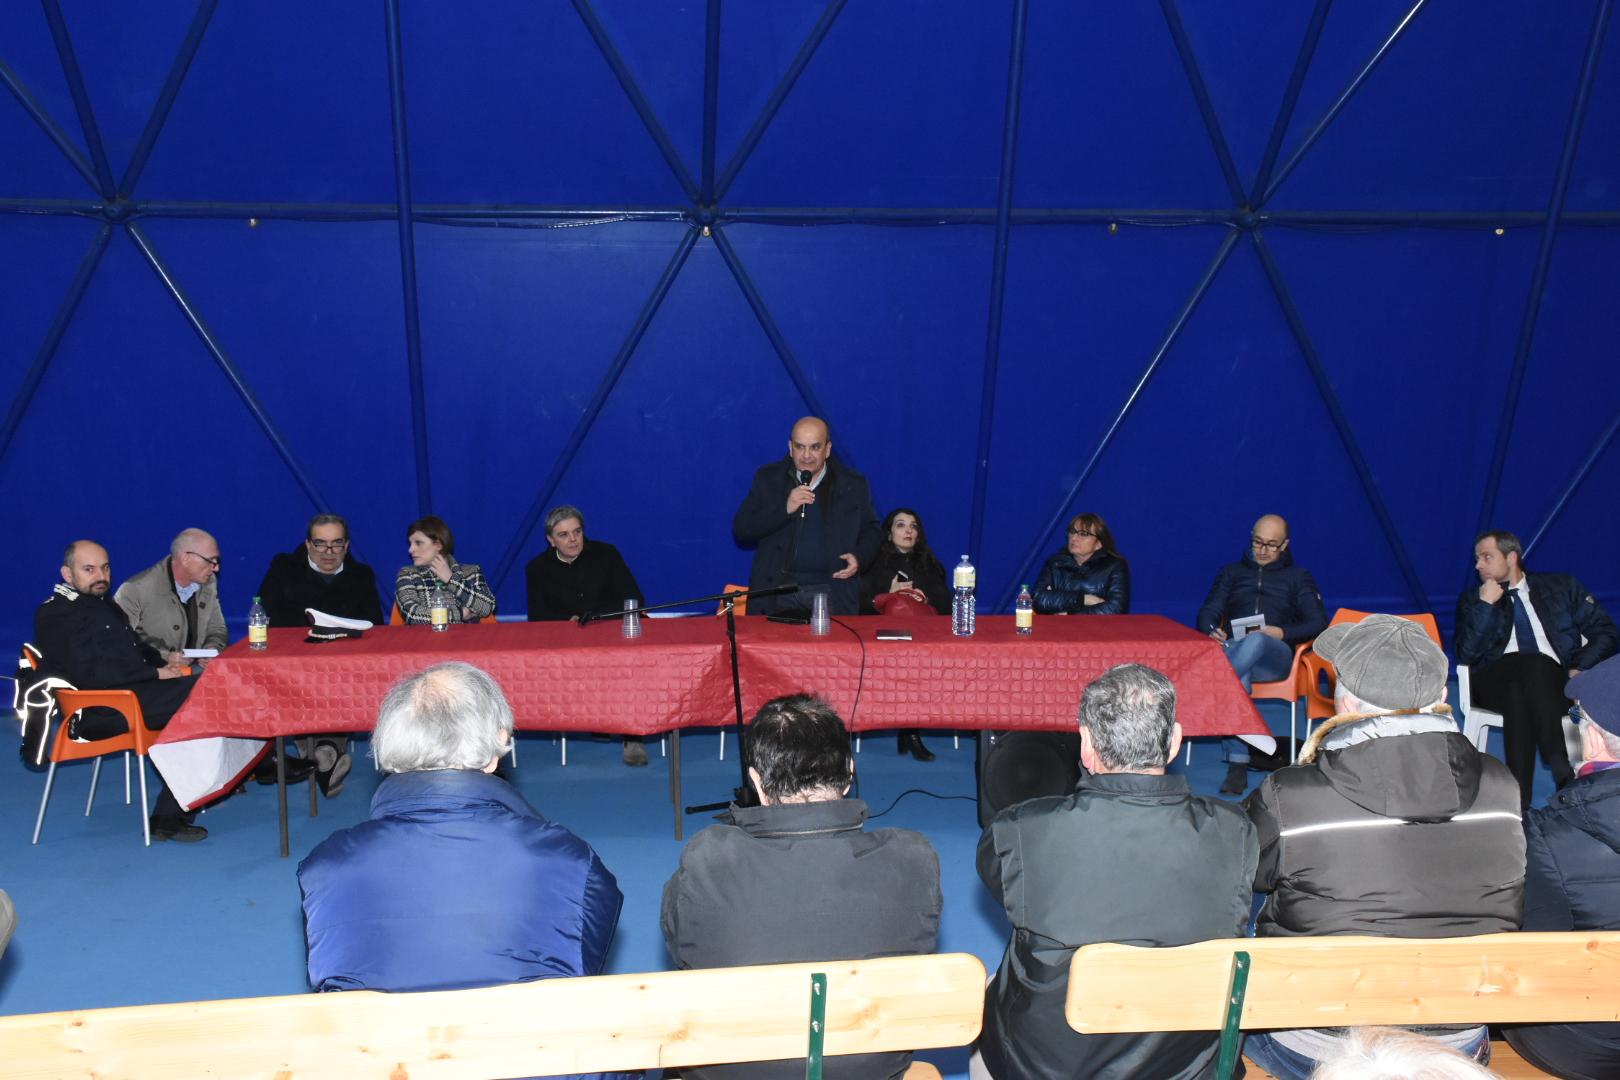 Sicurezza, amianto, traffico e rumore: assemblea a Borgotrebbia